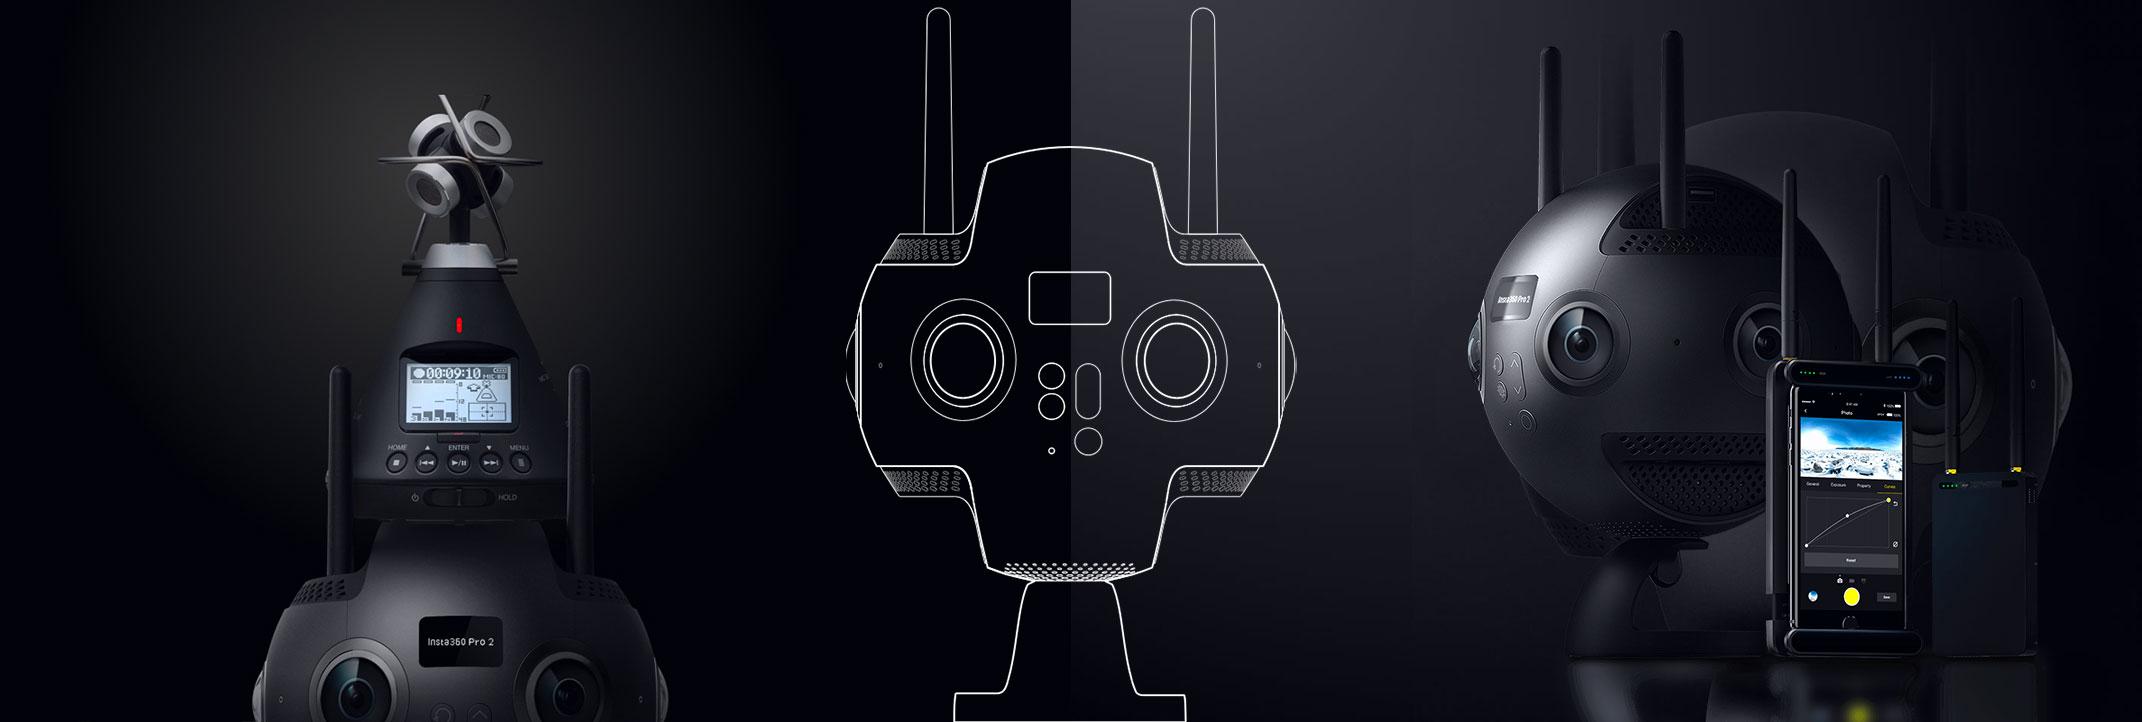 Vidéo/Photo 360° qualité 8K en 3D VR : test de l'Insta 360 PRO2